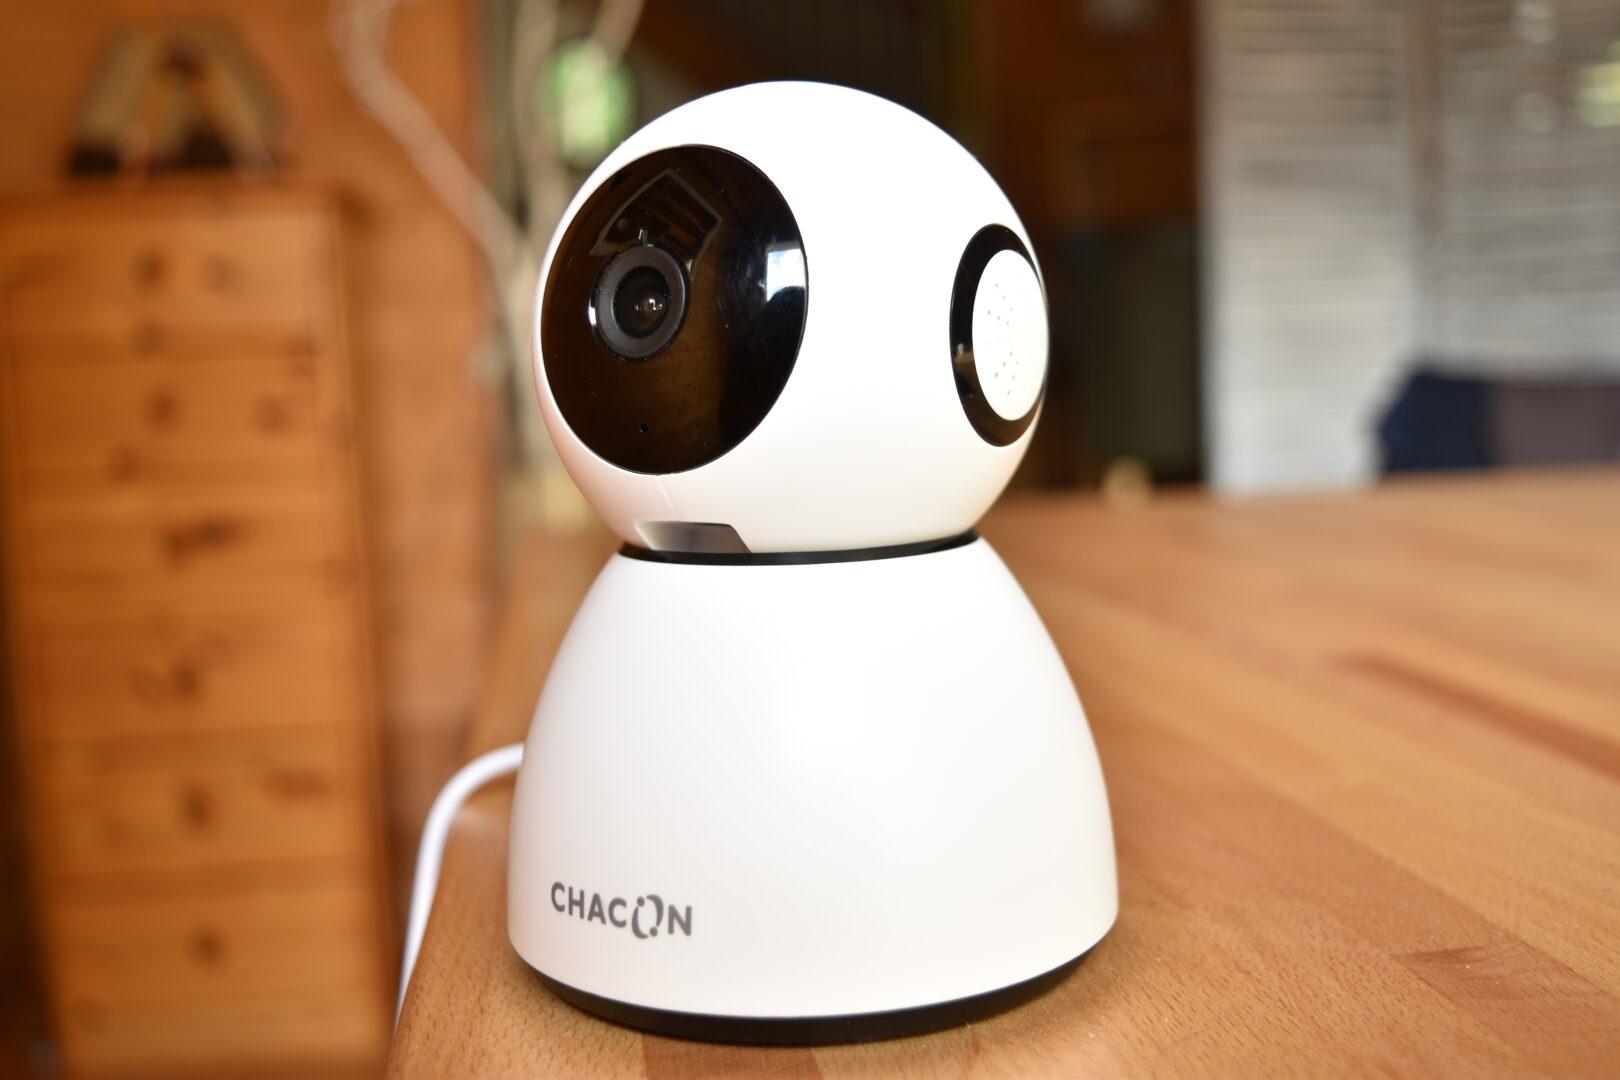 chacon ipcam ri03